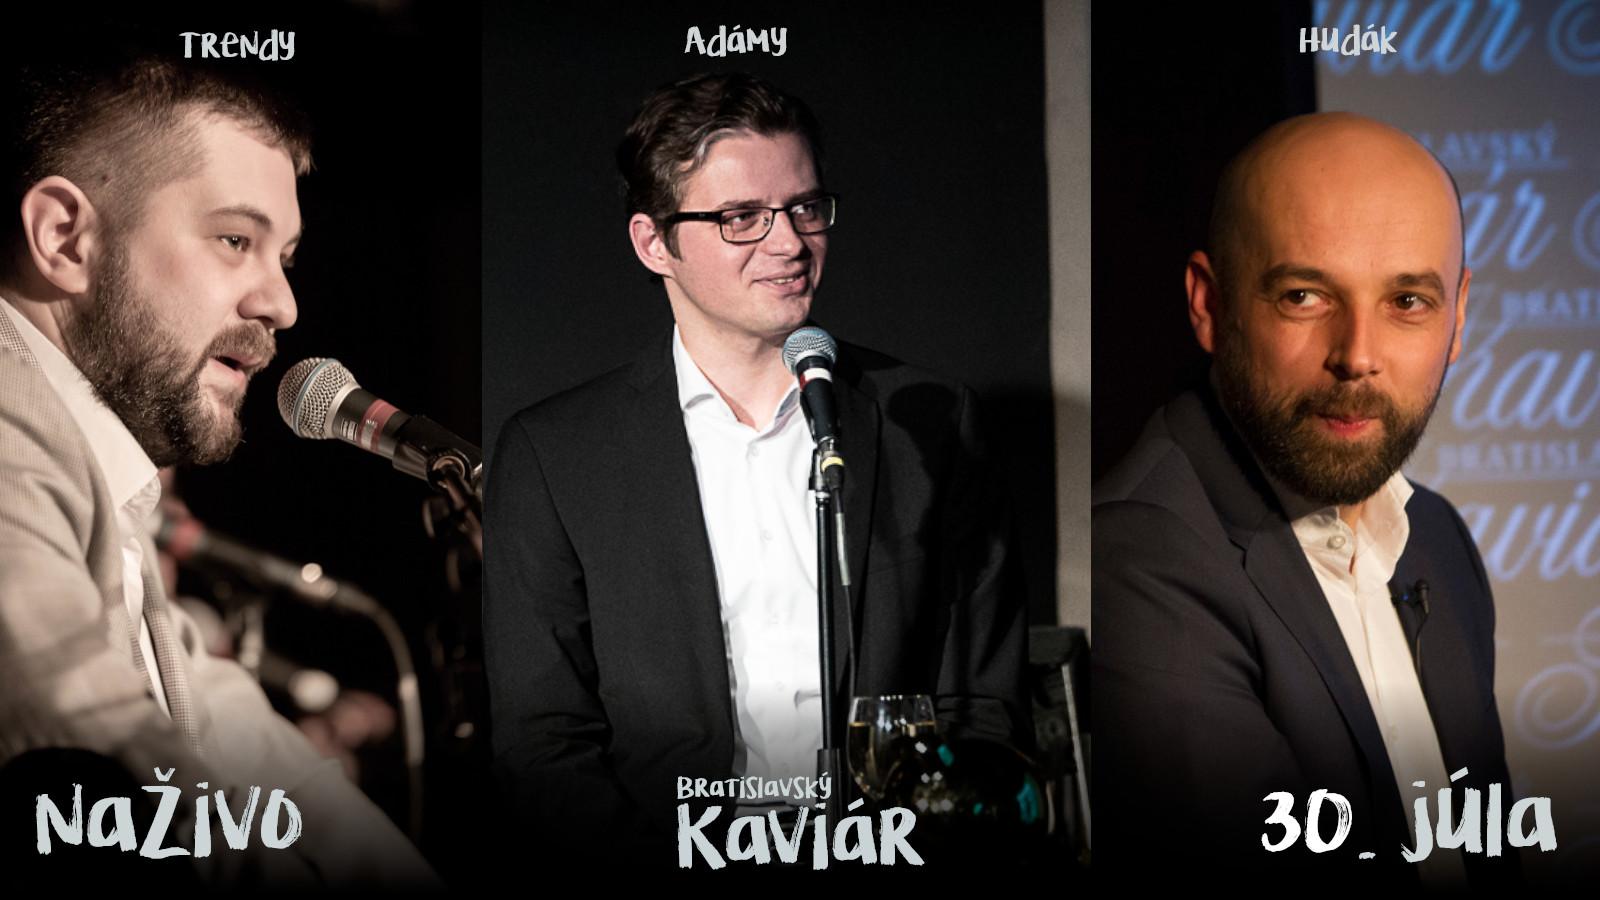 Bratislavský Kaviár 30. júl, Joe Trendy, Matej Adámy, Tomáš Hudák